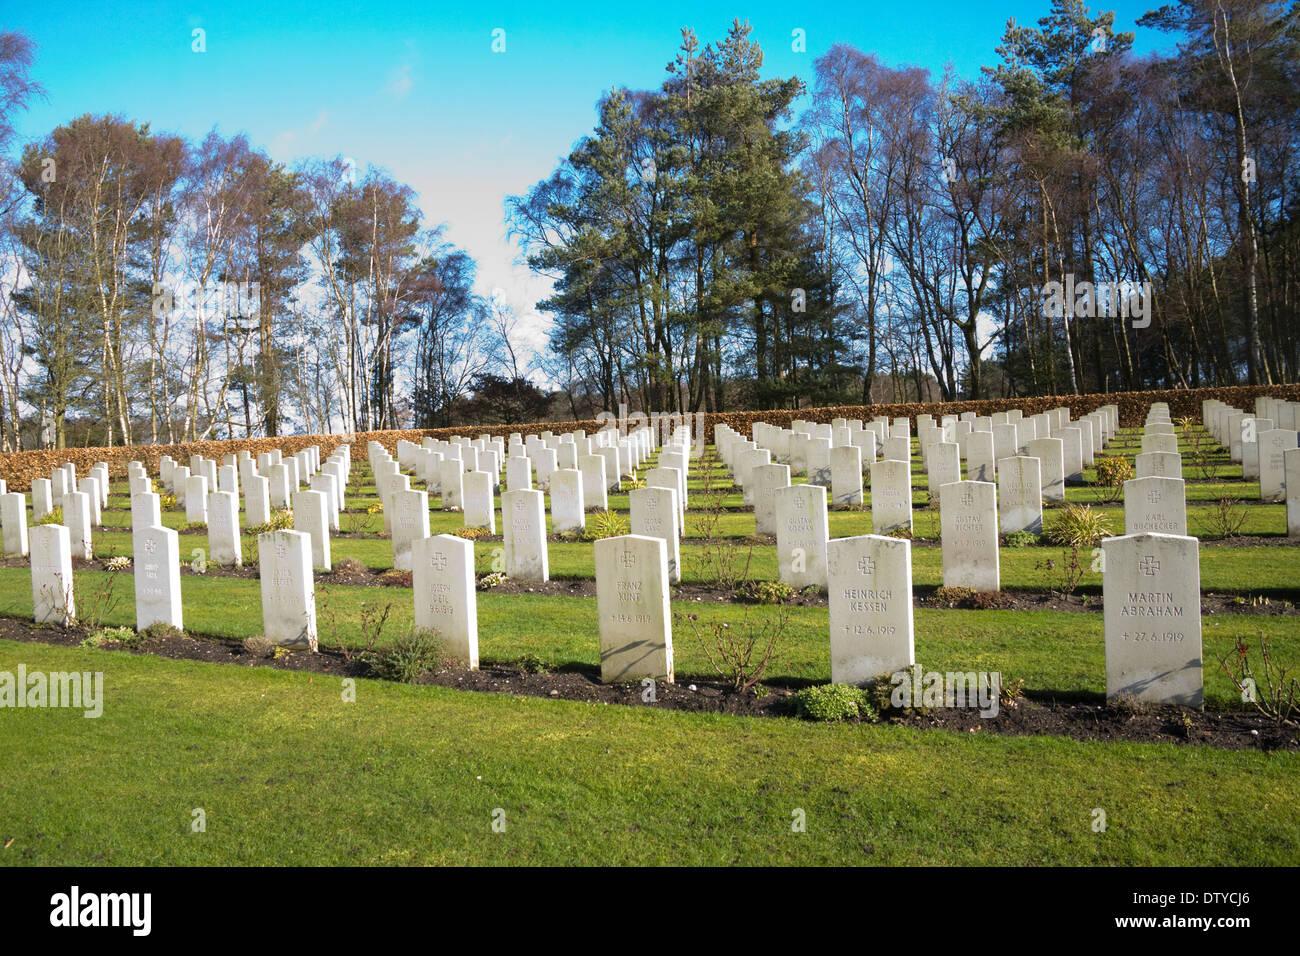 Cannock Chase Staffordshire England UK Deutscher Soldatenfriedhof Reihen von Grabsteinen von Deutschen, die auf britischem Boden im Zweiten Weltkrieg 1 gestorben Stockbild